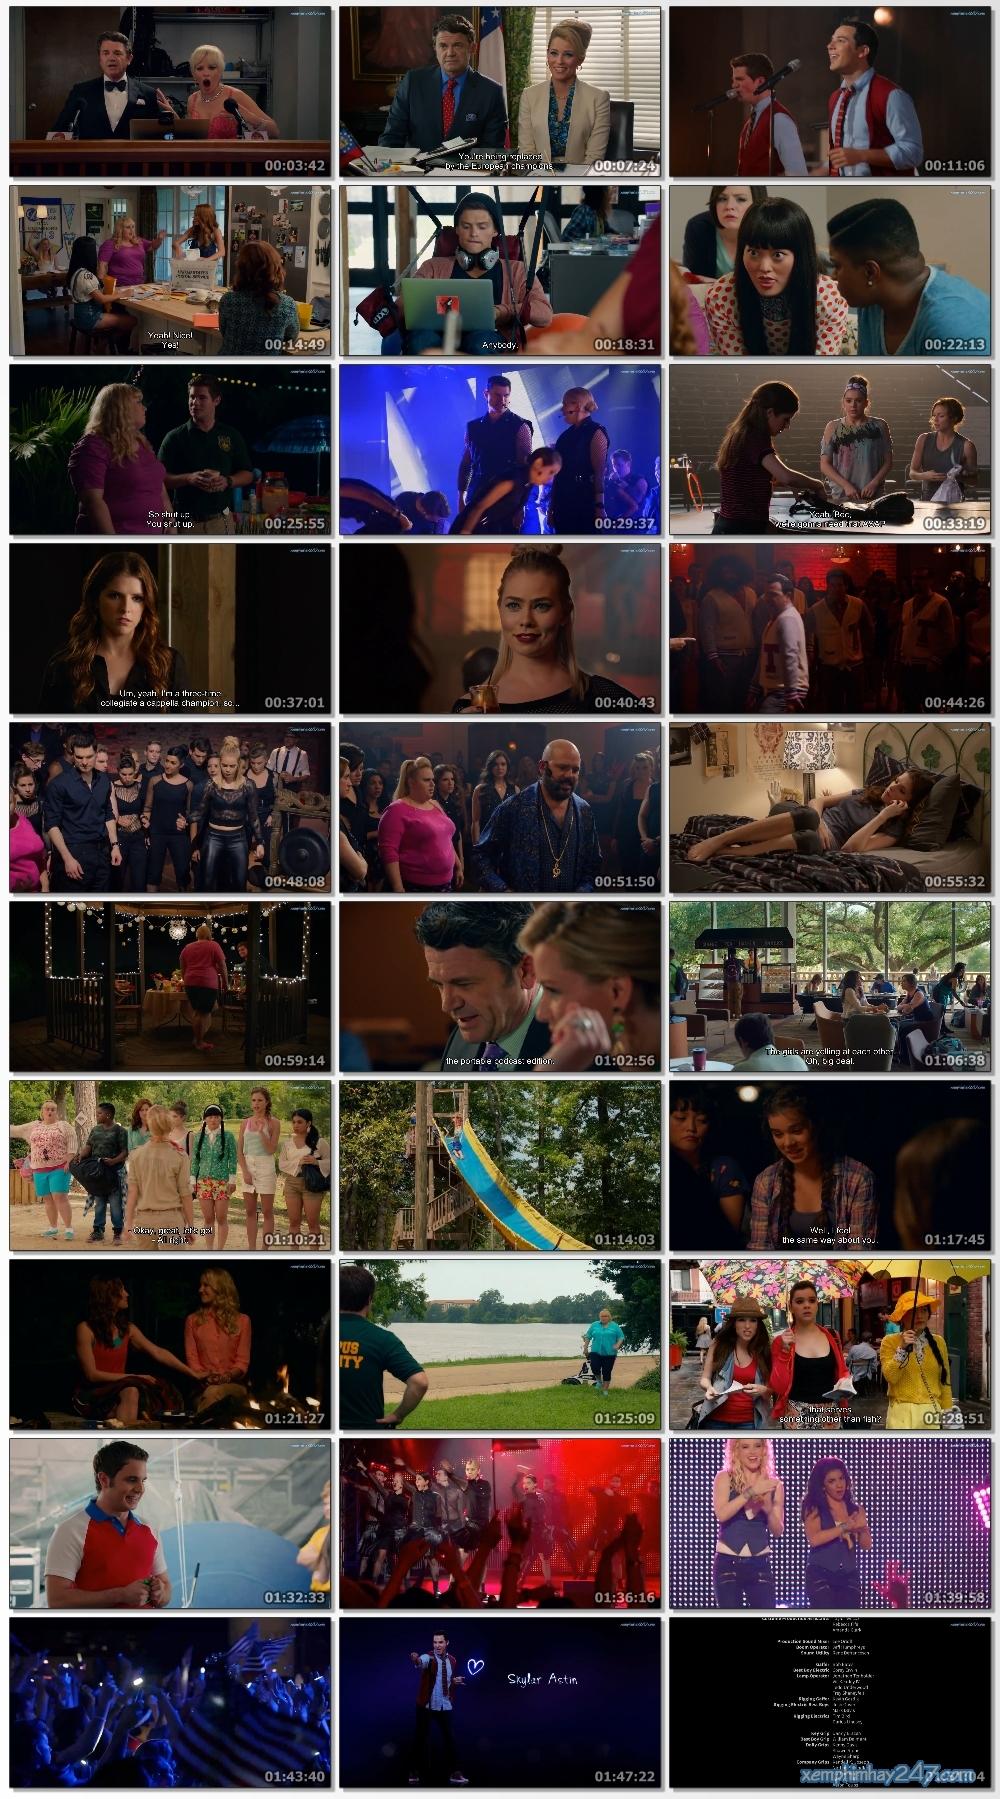 http://xemphimhay247.com - Xem phim hay 247 - Sự Nổi Loạn Hoàn Hảo - Những Cô Nàng Cá Tính 2 (2015) - Pitch Perfect 2 (2015)